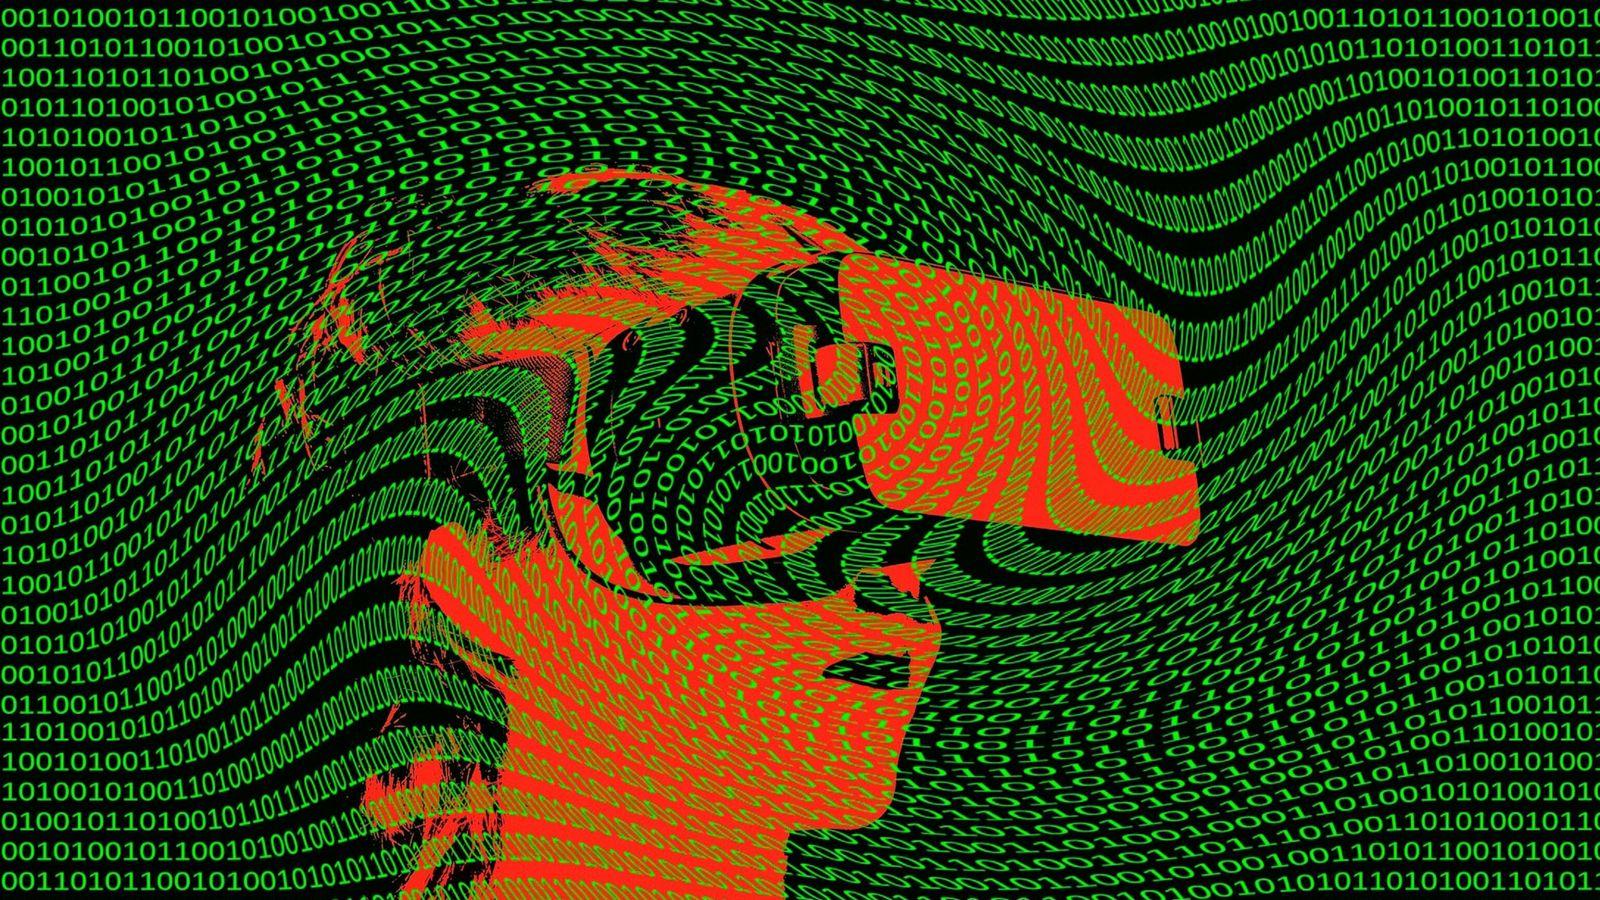 Forscher haben herausgefunden, dass Virtual Reality (VR) Headsets Cyberkrankheit verursachen können, die sich als Schwindel und ...